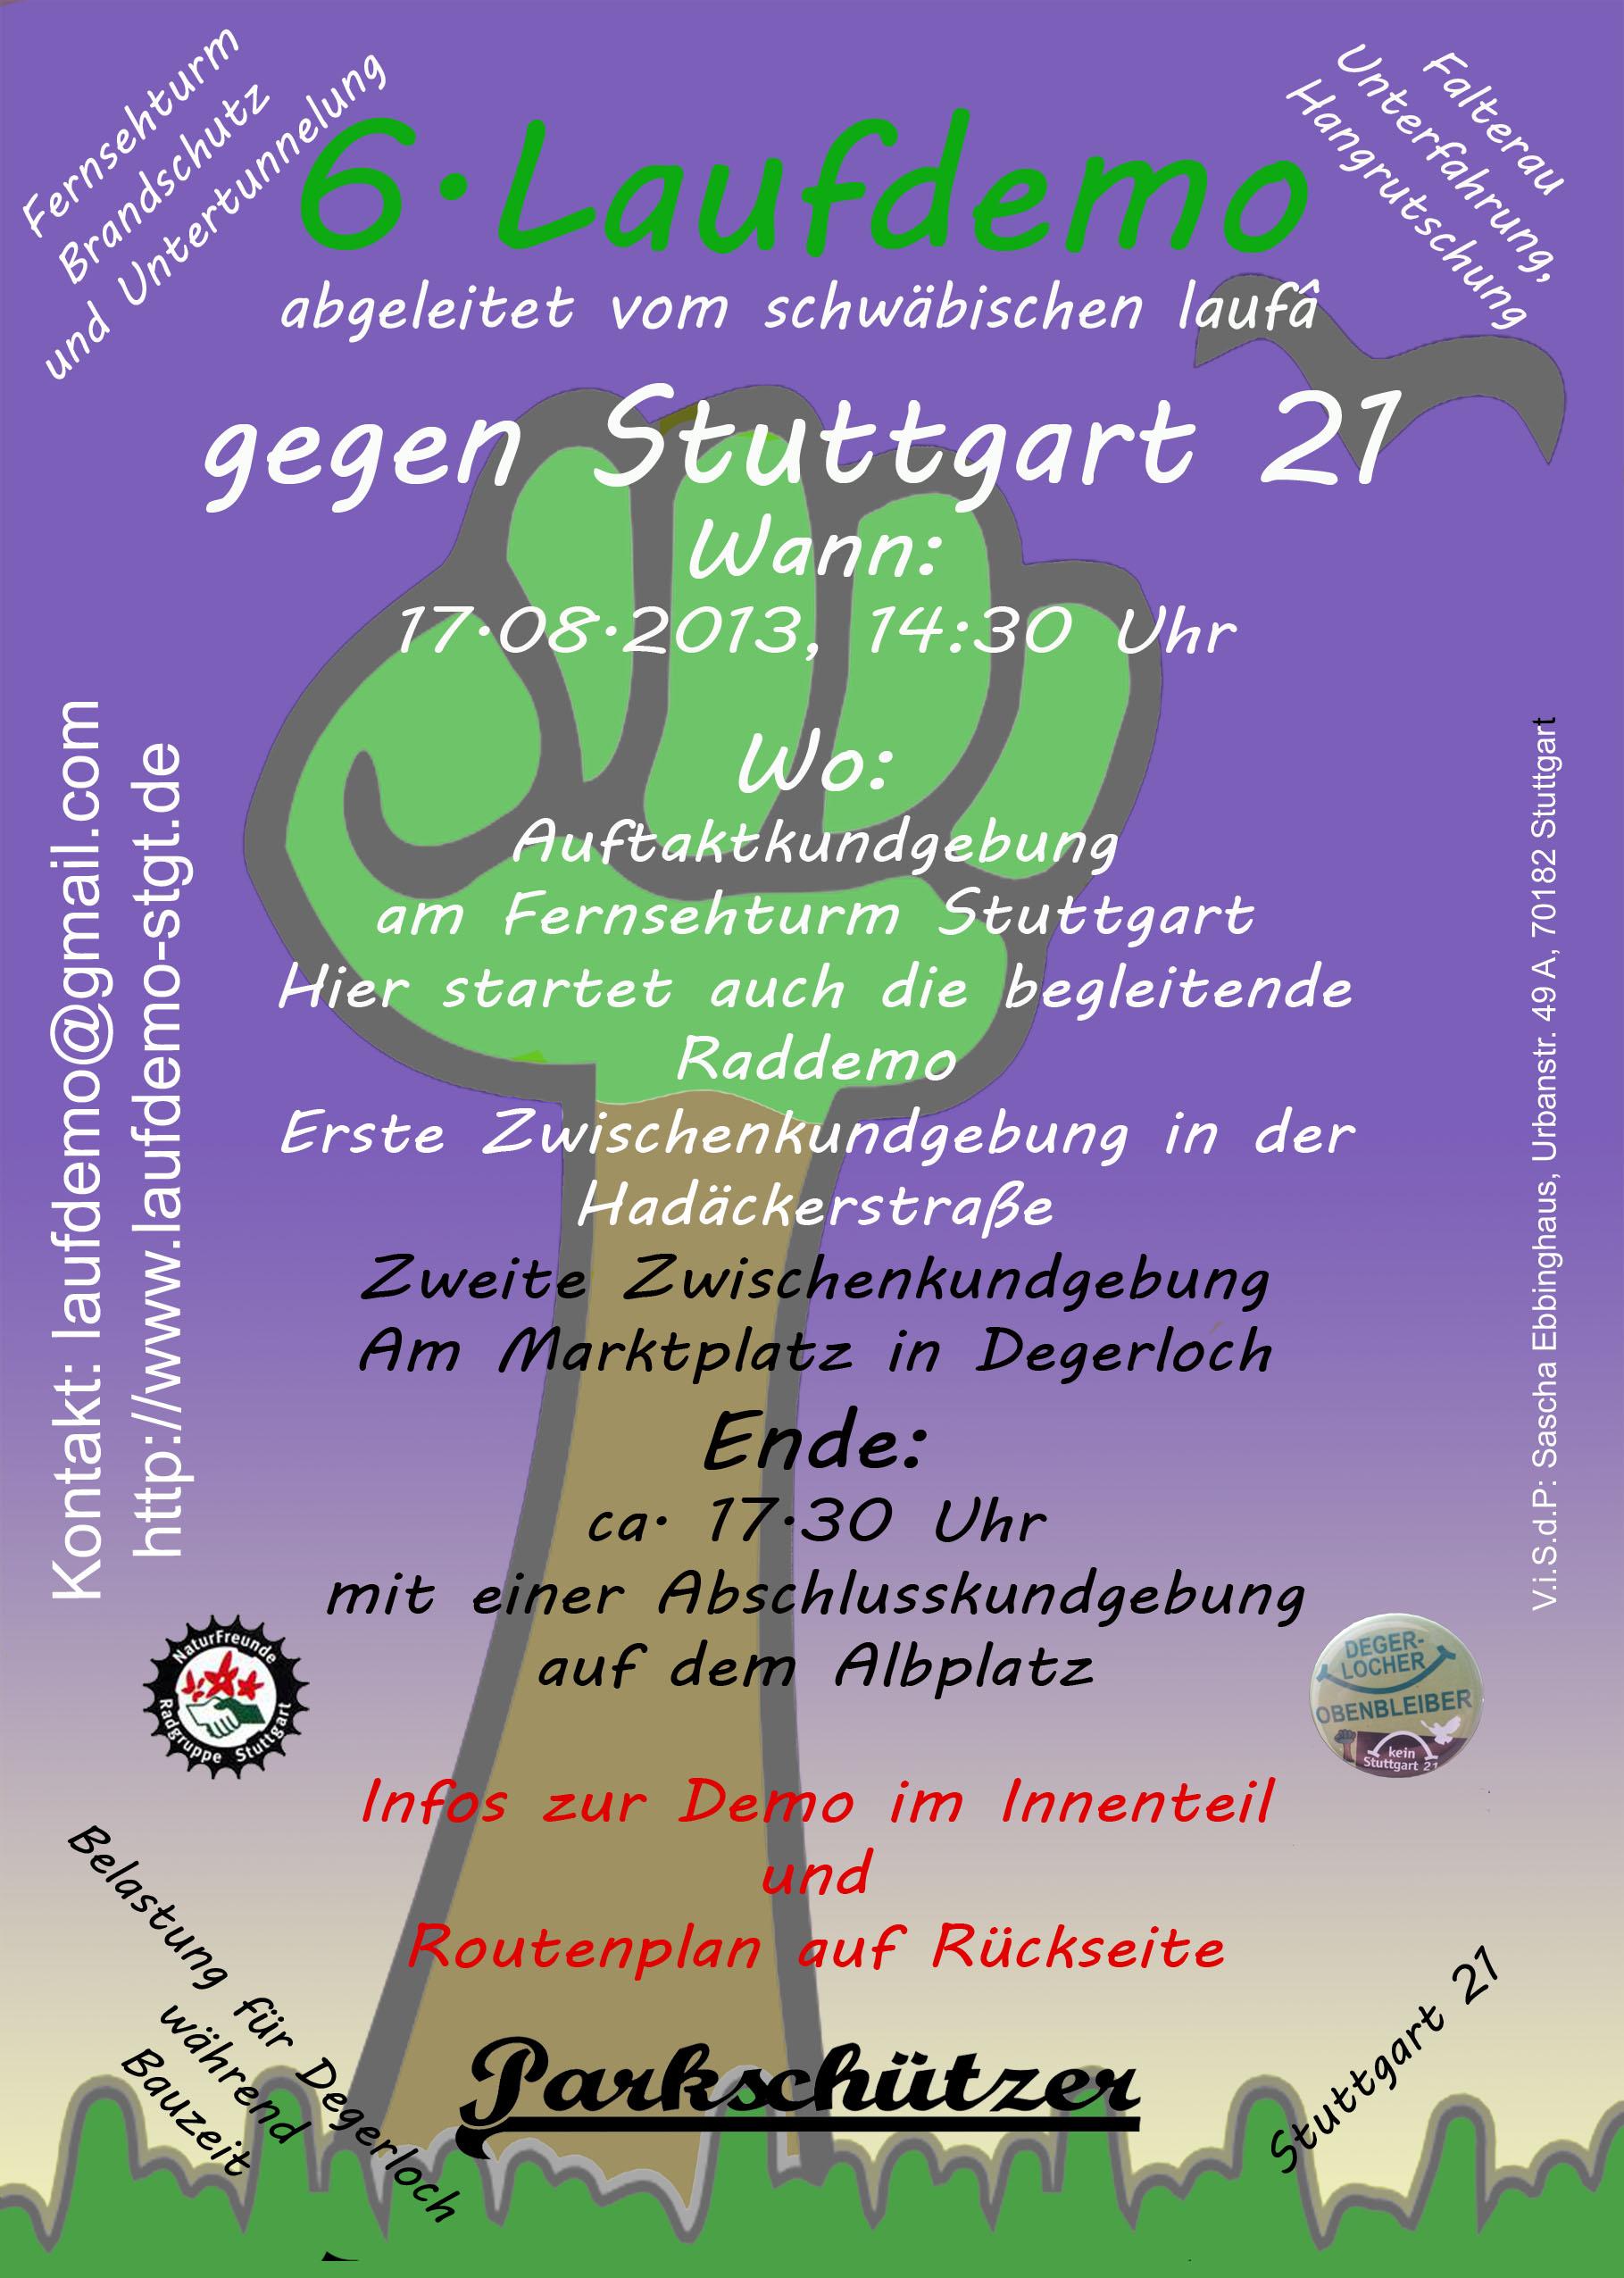 Liebe Freundinnen und Freunde der Laufdemo!  Wir laden euch alle alle ein zur 6. Laufdemo in Stuttgart Degerloch am 17. August 2013.